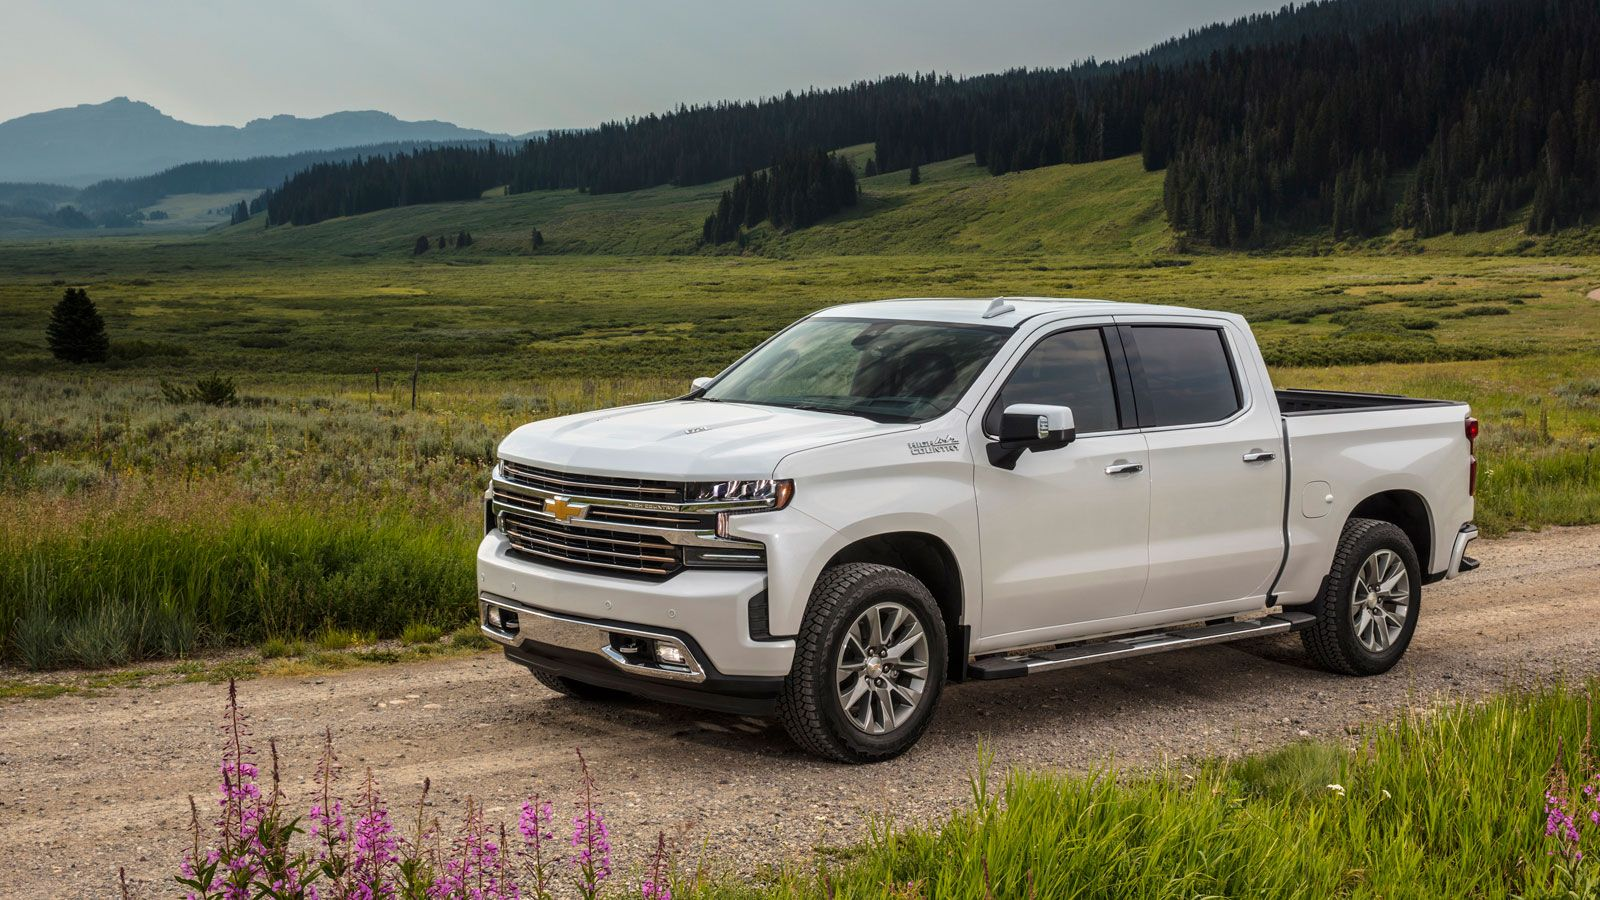 Kelebihan Kekurangan Chevrolet High Country 2019 Perbandingan Harga